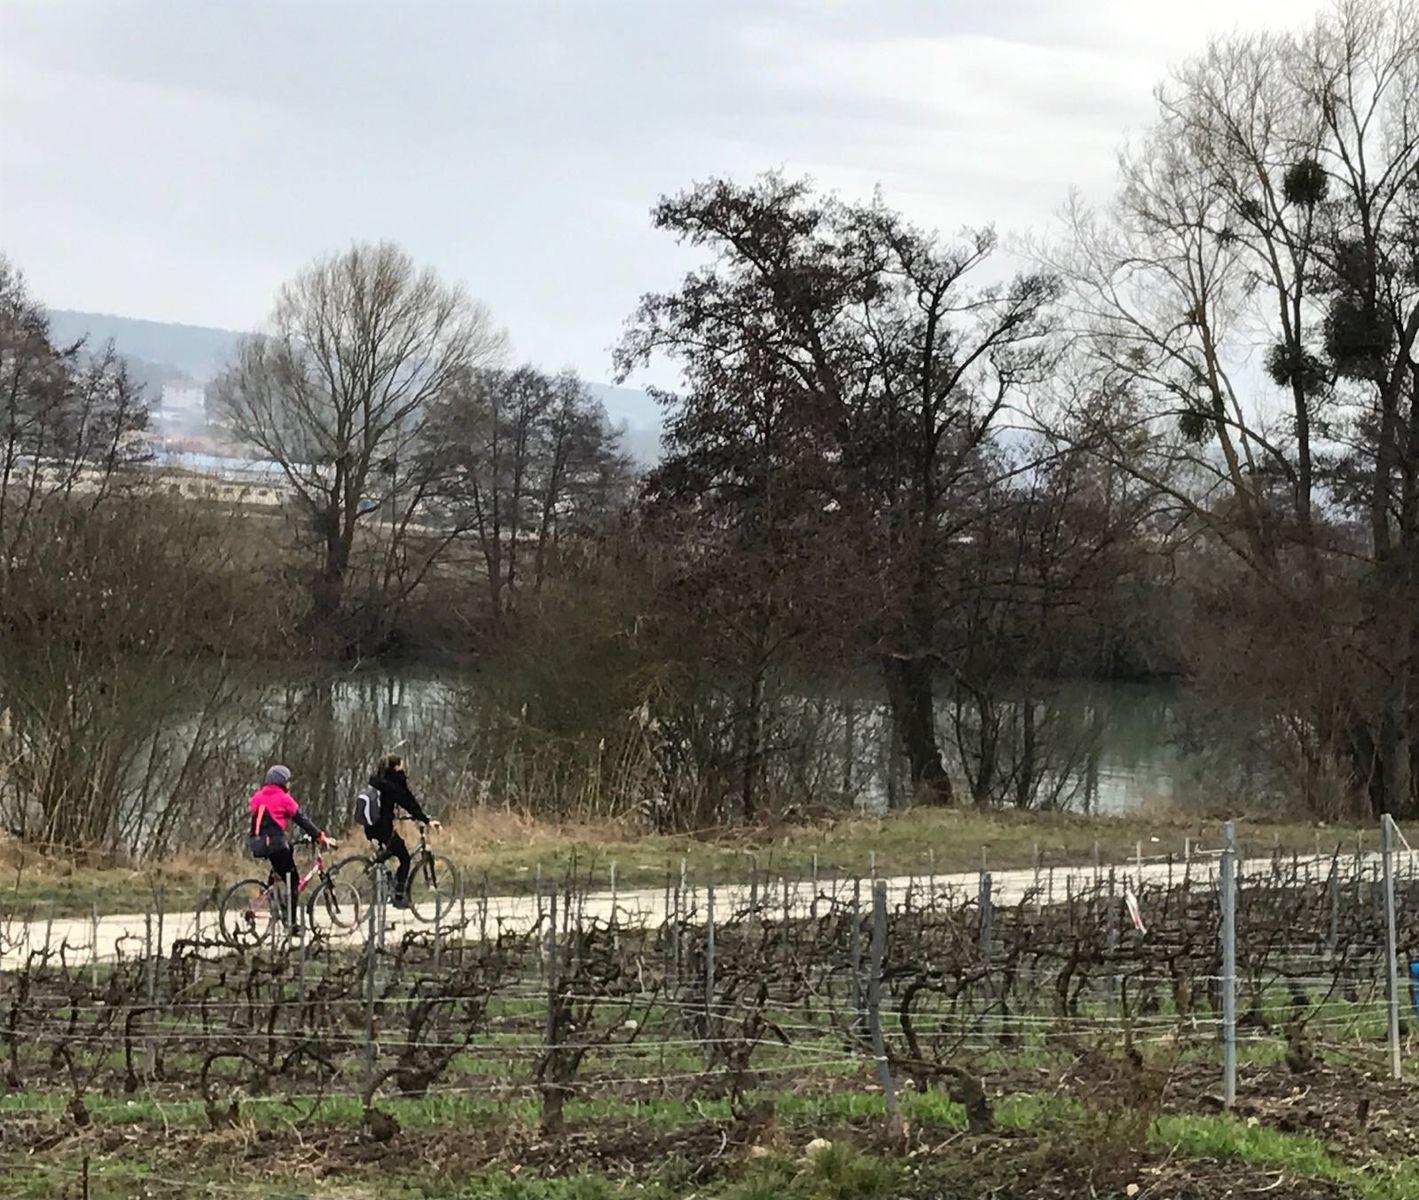 Vélo route du lac du Der à paris 51G472 - La maison du vigneron - Vincelles - Gîtes de France Marne